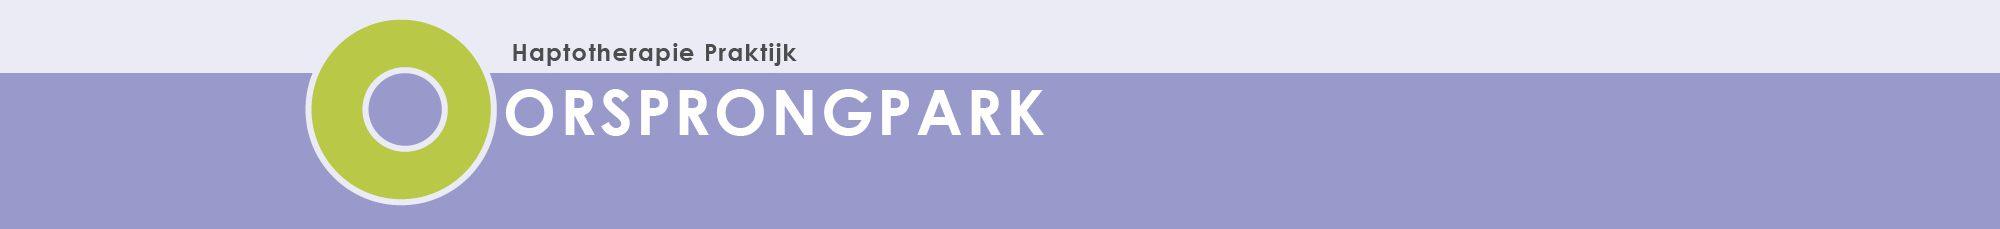 Haptotherapie Praktijk Oorsprongpark